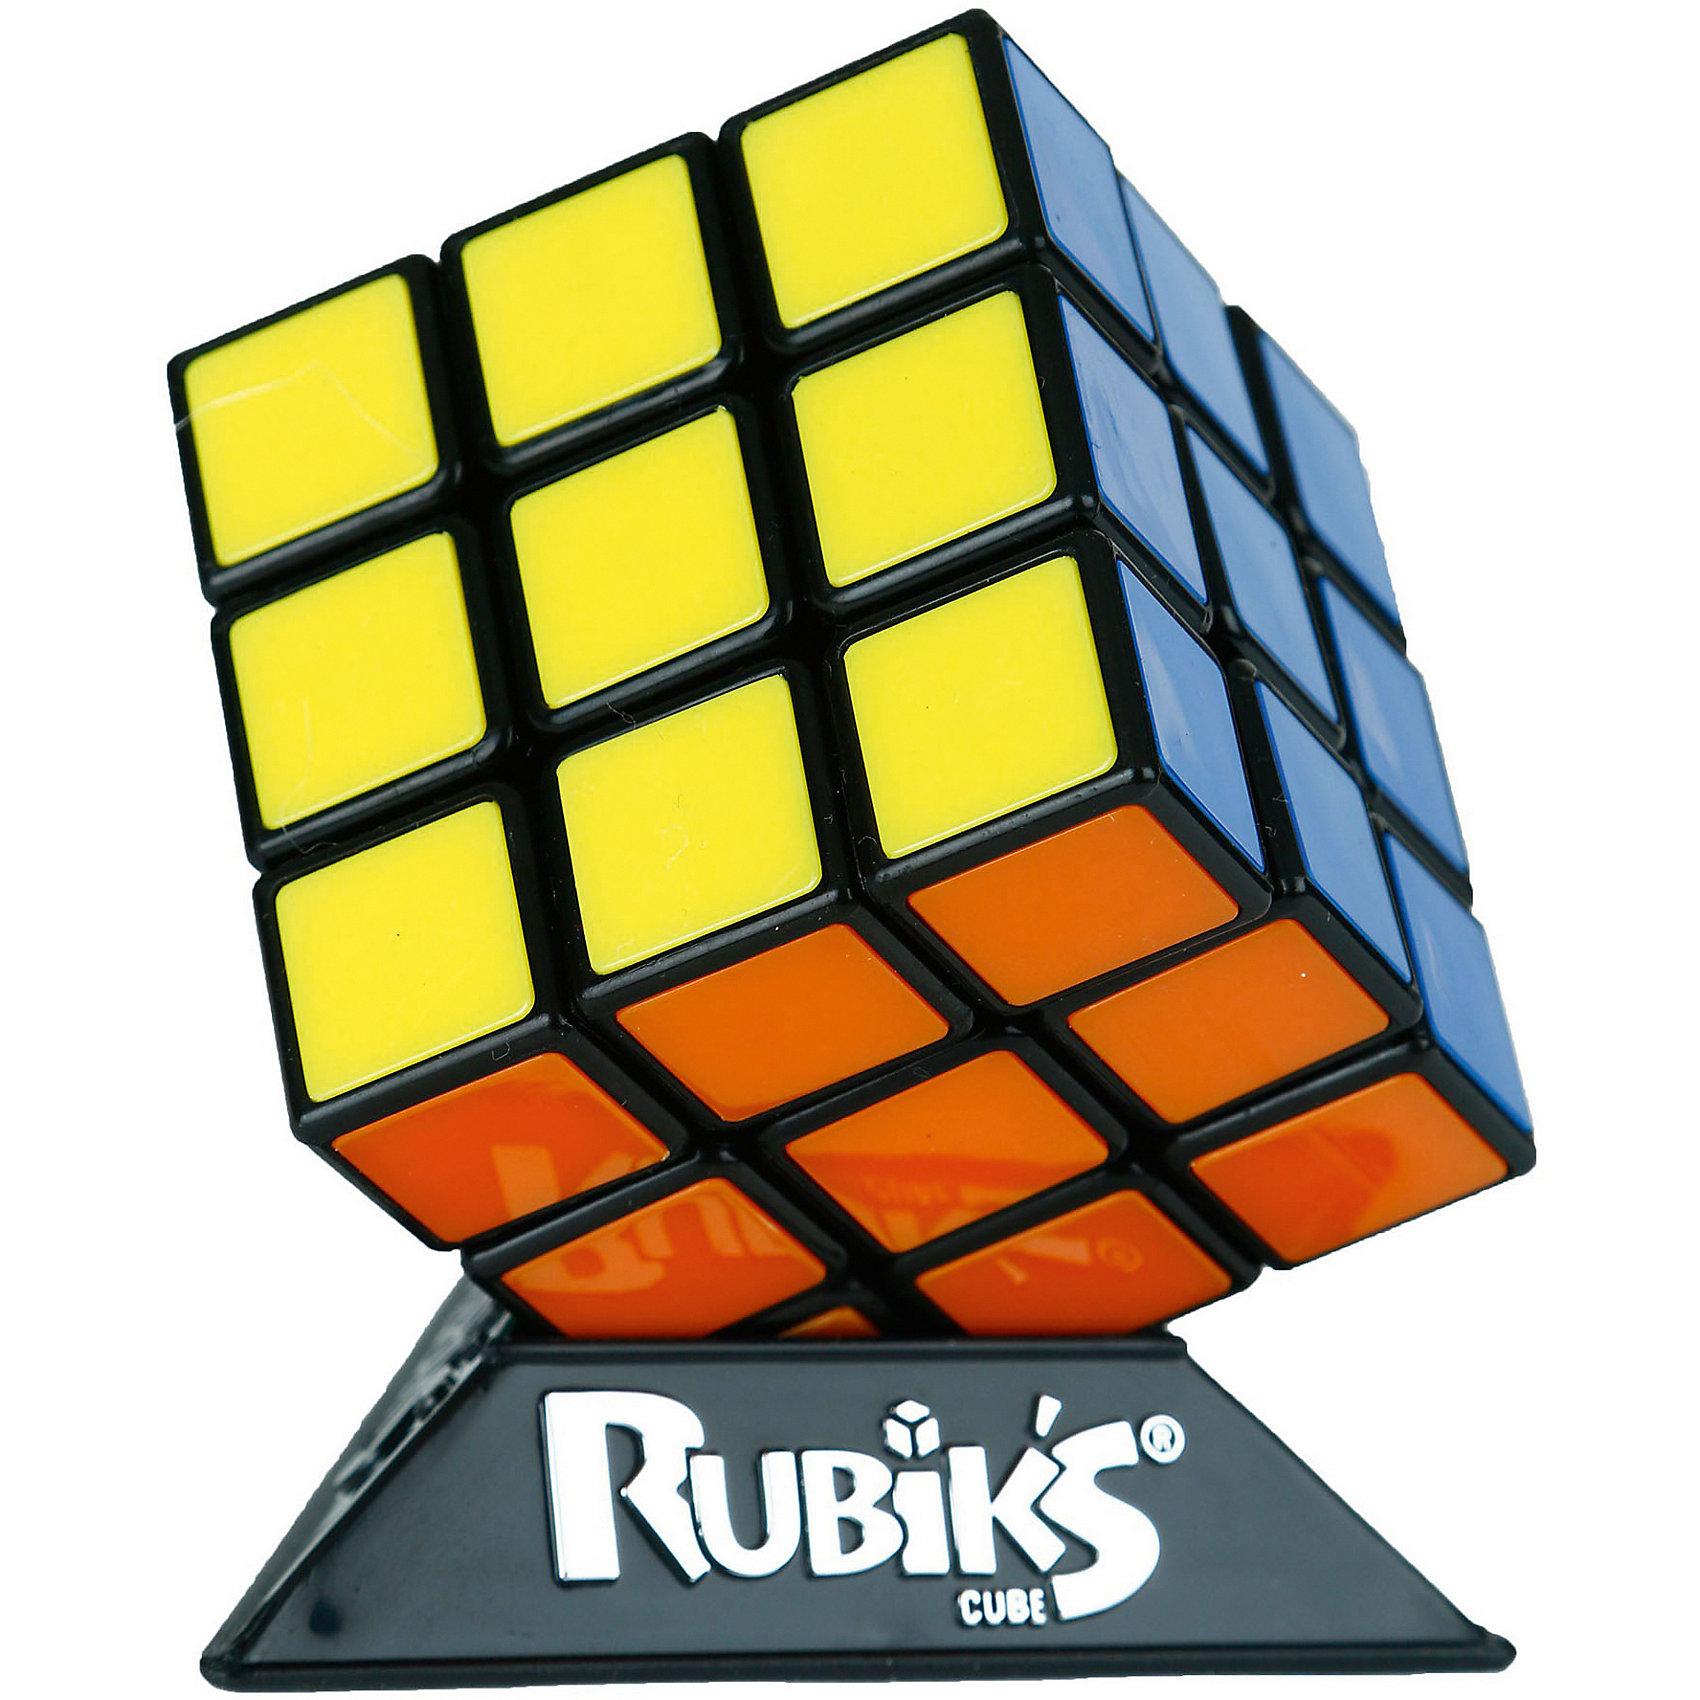 Кубик Рубика 3х3, без наклеекИгры в дорогу<br>Улучшенный механизм на базе шара, кубик крутится плавнее, мягче и при этом точнее. Благодаря новому механизму, теперь кубик Рубика режет углы. Это значит, что даже если в процессе сборки какая-то из сторон кубика оказалась не повернута до конца, то поворот другой стороны, пересекающей эту, довернет сторону. В основном, это важно при скоростной сборке, но понравится и тем кто собирает кубик Рубика не на скорость.<br>    Цветные пластиковые вставки вместо наклеек - сколько бы вы ни крутили головоломку, ваш кубик Рубика всегда в идеальном состоянии, как новый!<br>    Новая упаковка-пирамида с 3 крыльями, подчеркивающая новый характер игрушки. Упаковка допускает размещение на полке, на крючках, а так же выстраивание в столбик до 5-6шт в высоту. <br>    Единственный настоящий кубик Рубика, сделанный по венгерской лицензии Эрно Рубика<br>    Подробнее: http://playlab.ru/toys/rubiks/3x3/?sphrase_id=9166<br><br>Ширина мм: 170<br>Глубина мм: 120<br>Высота мм: 120<br>Вес г: 300<br>Возраст от месяцев: 96<br>Возраст до месяцев: 1188<br>Пол: Унисекс<br>Возраст: Детский<br>SKU: 4123666